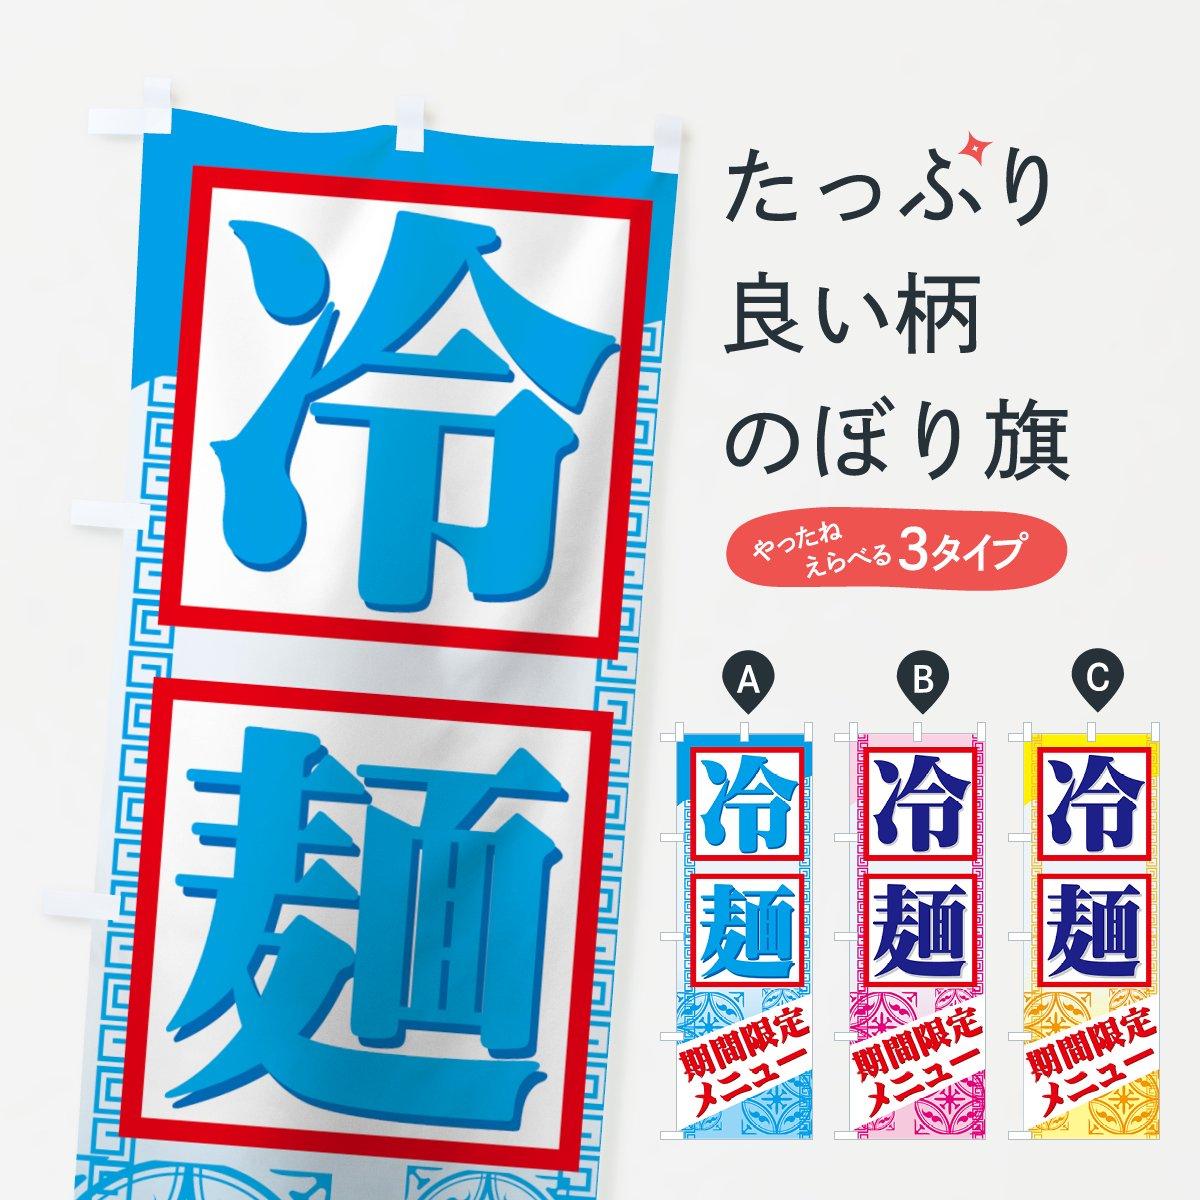 冷麺のぼり旗 期間限定メニュー